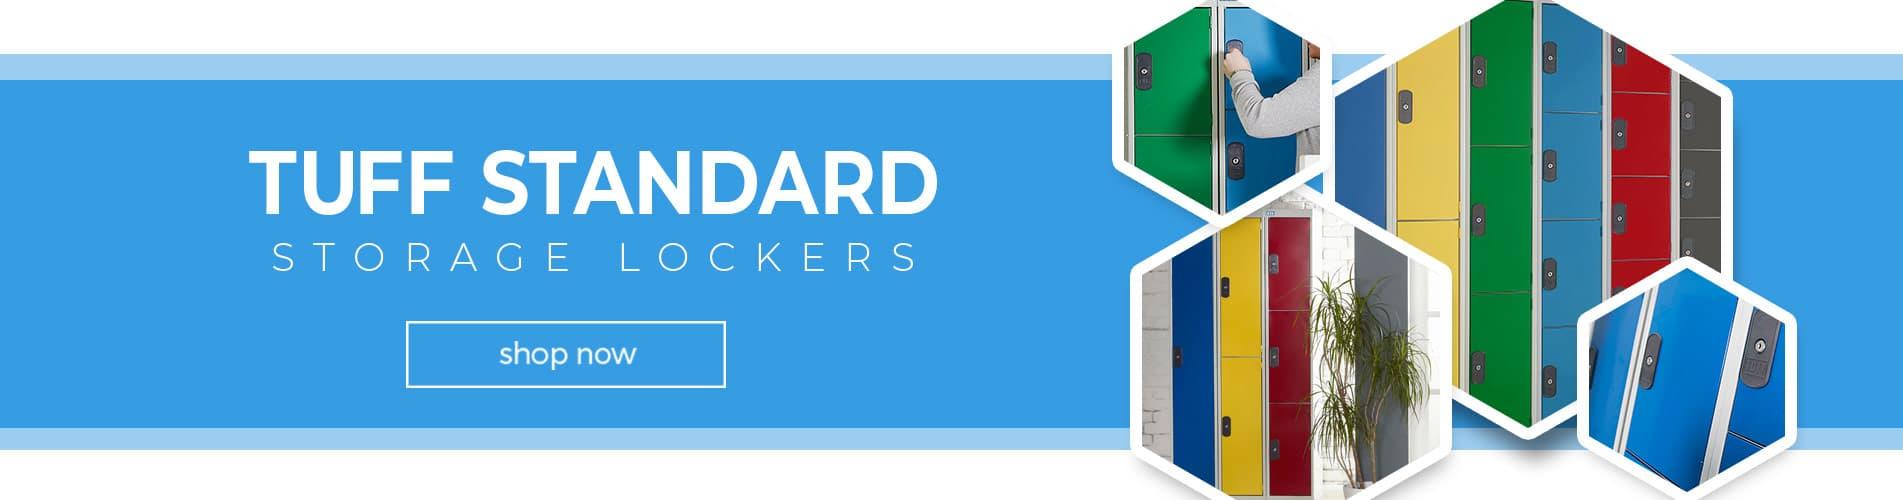 TUFF Standard Lockers